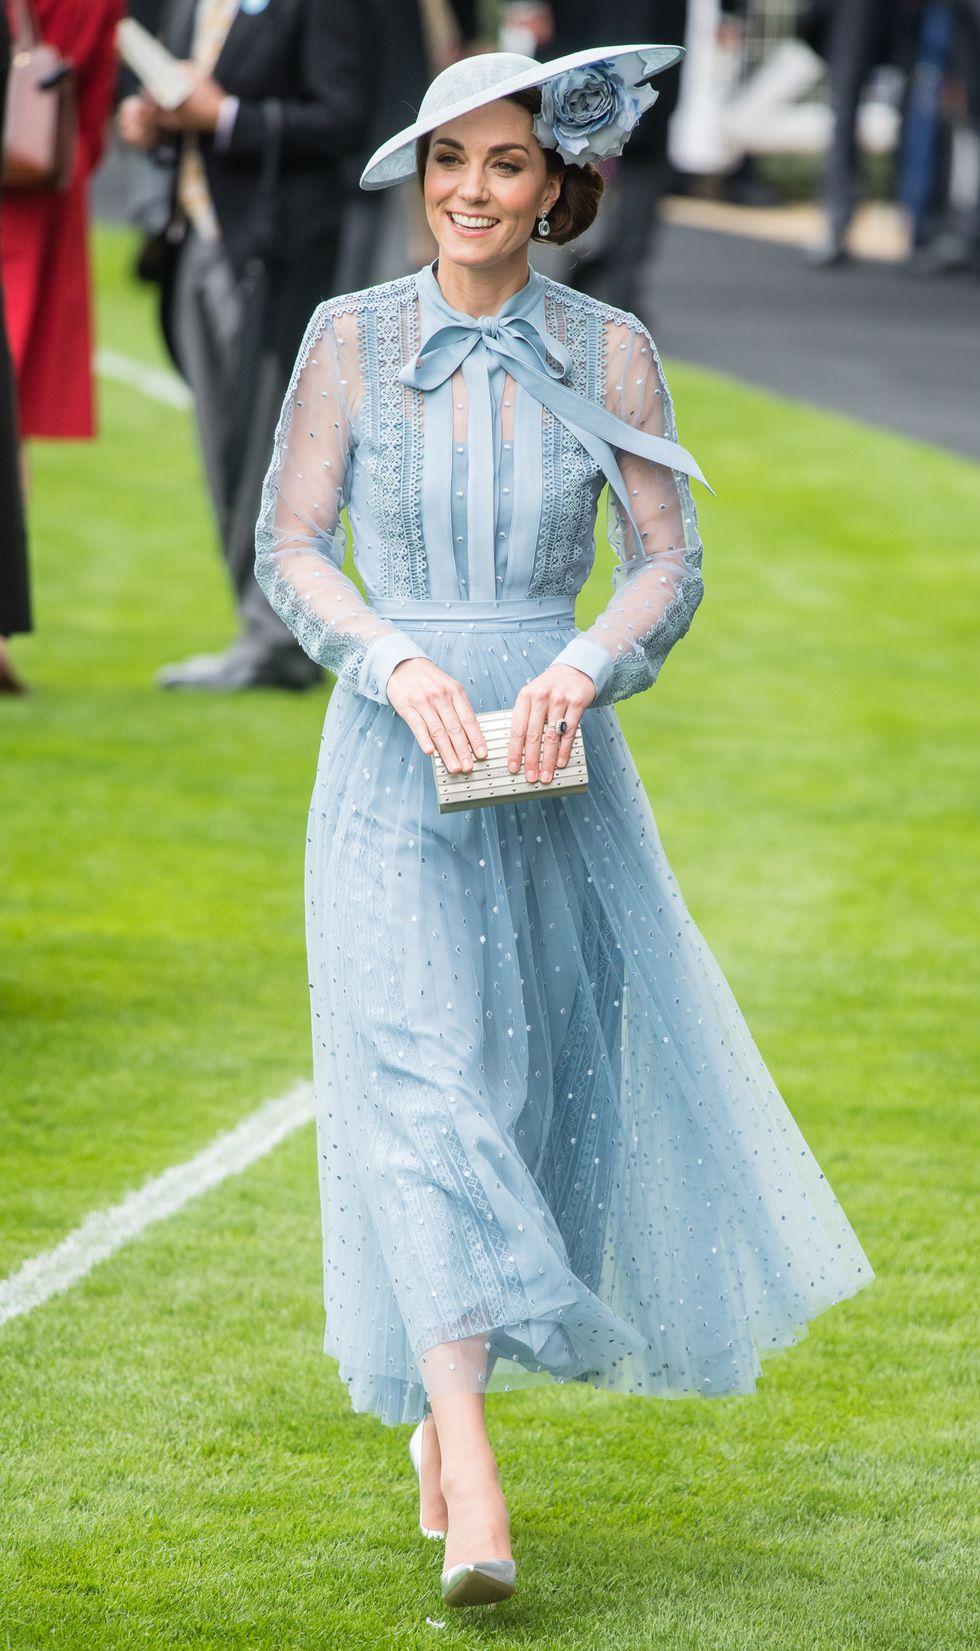 Kate Middleton vẫn luôn thon thả dù đã xấp xỉ 40 và qua 3 lần sinh nở nhờ tuân theo 4 giai đoạn ăn uống giảm cân: Vòng eo hiện tại còn thon hơn cả thời con gái - Ảnh 6.